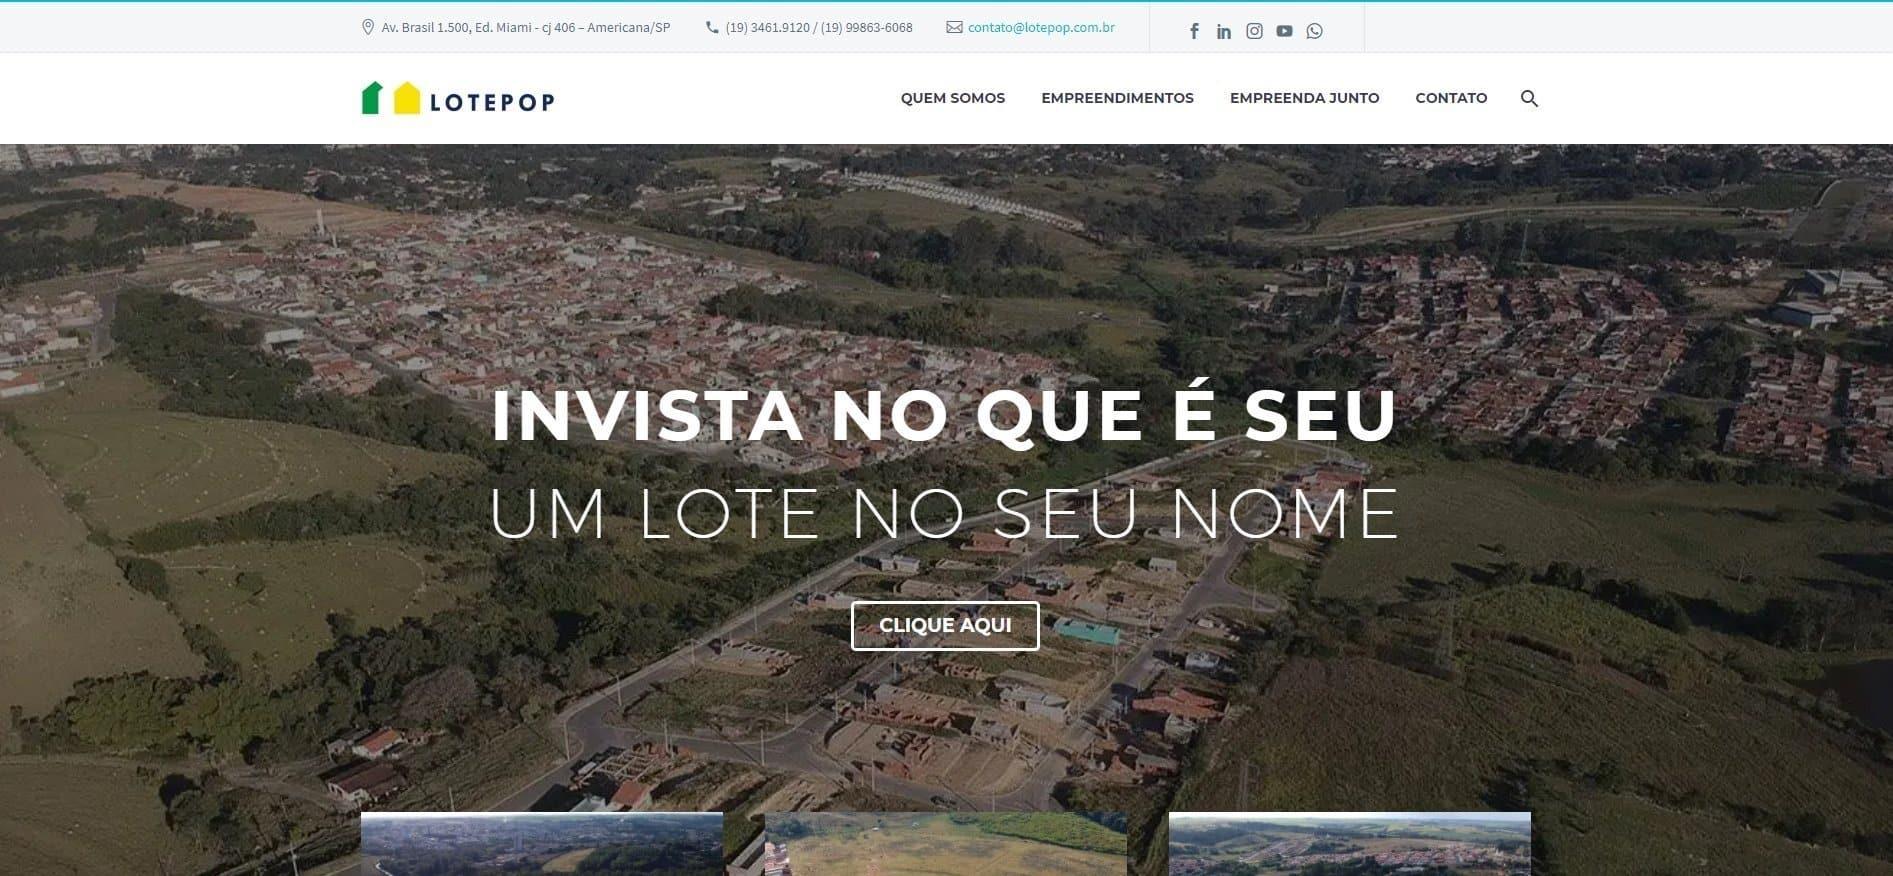 Lotepop